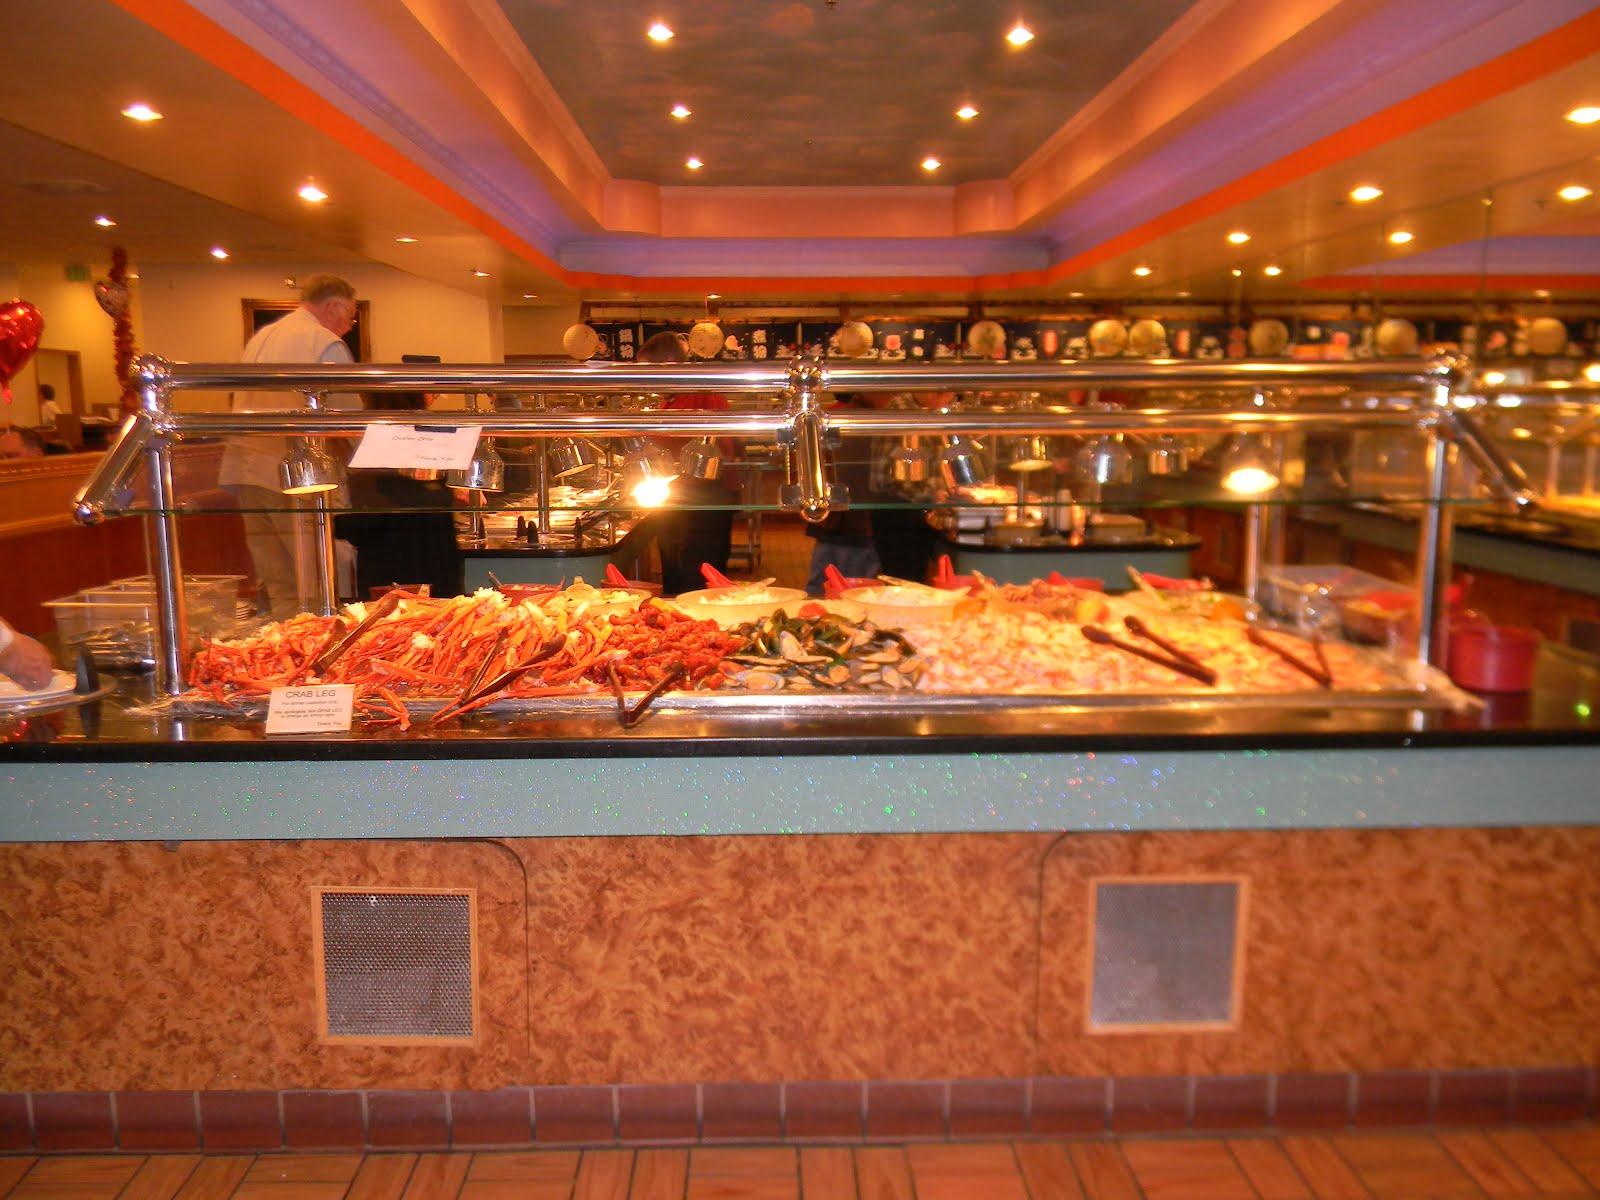 becky richard s journal rh beckyrichardsjournal blogspot com asian seafood buffet falls church asian seafood buffet restaurants